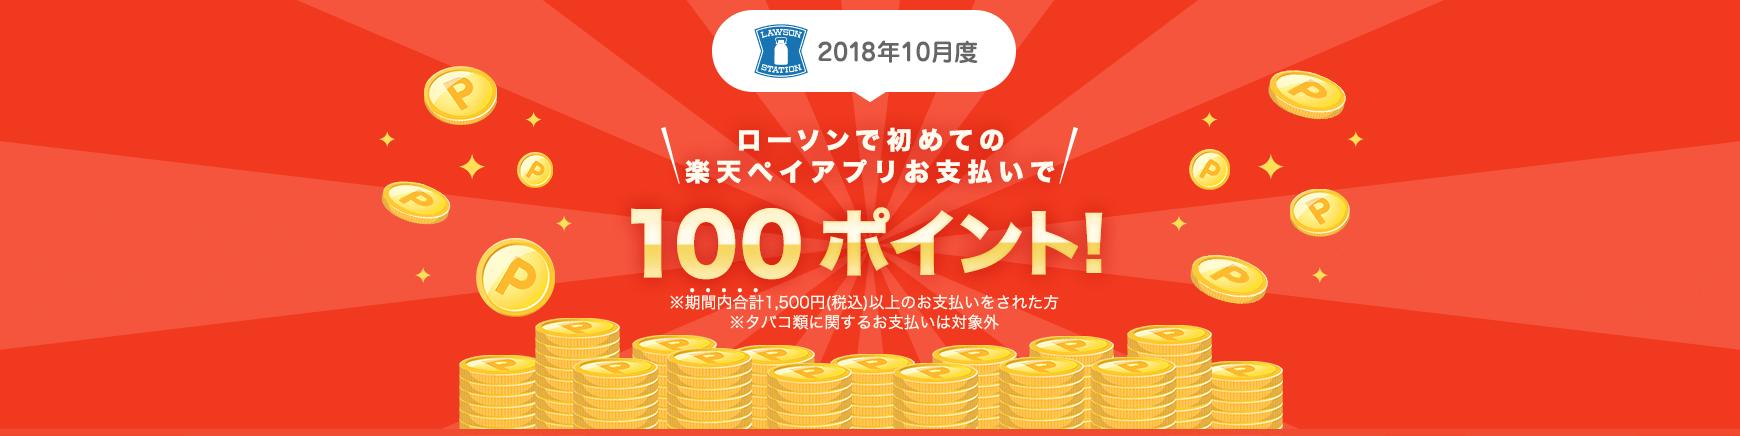 楽天ペイをローソンで初めて合計1500円以上使うと100ポイントバック。期間限定楽天ポイントが消費可能。~10/31 10時。